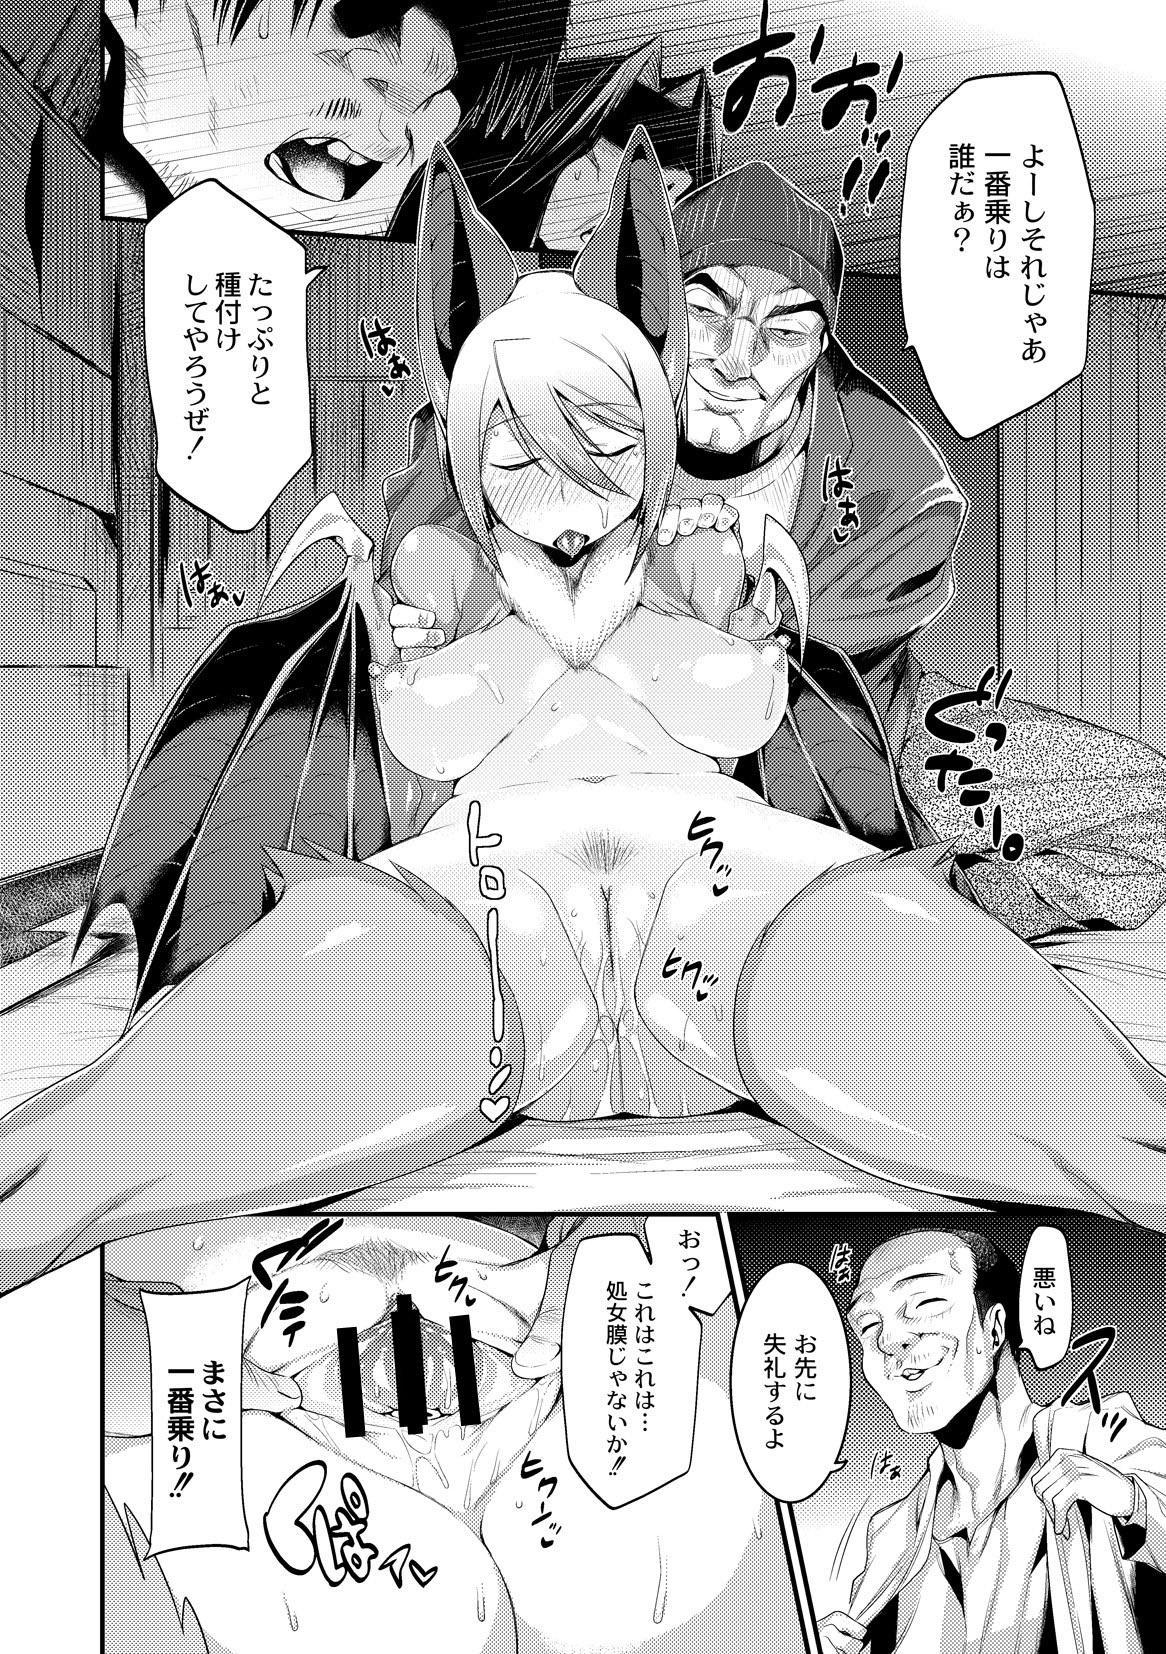 Jitsuroku! Koumori Onnna-tachi no Hanshokuki 7